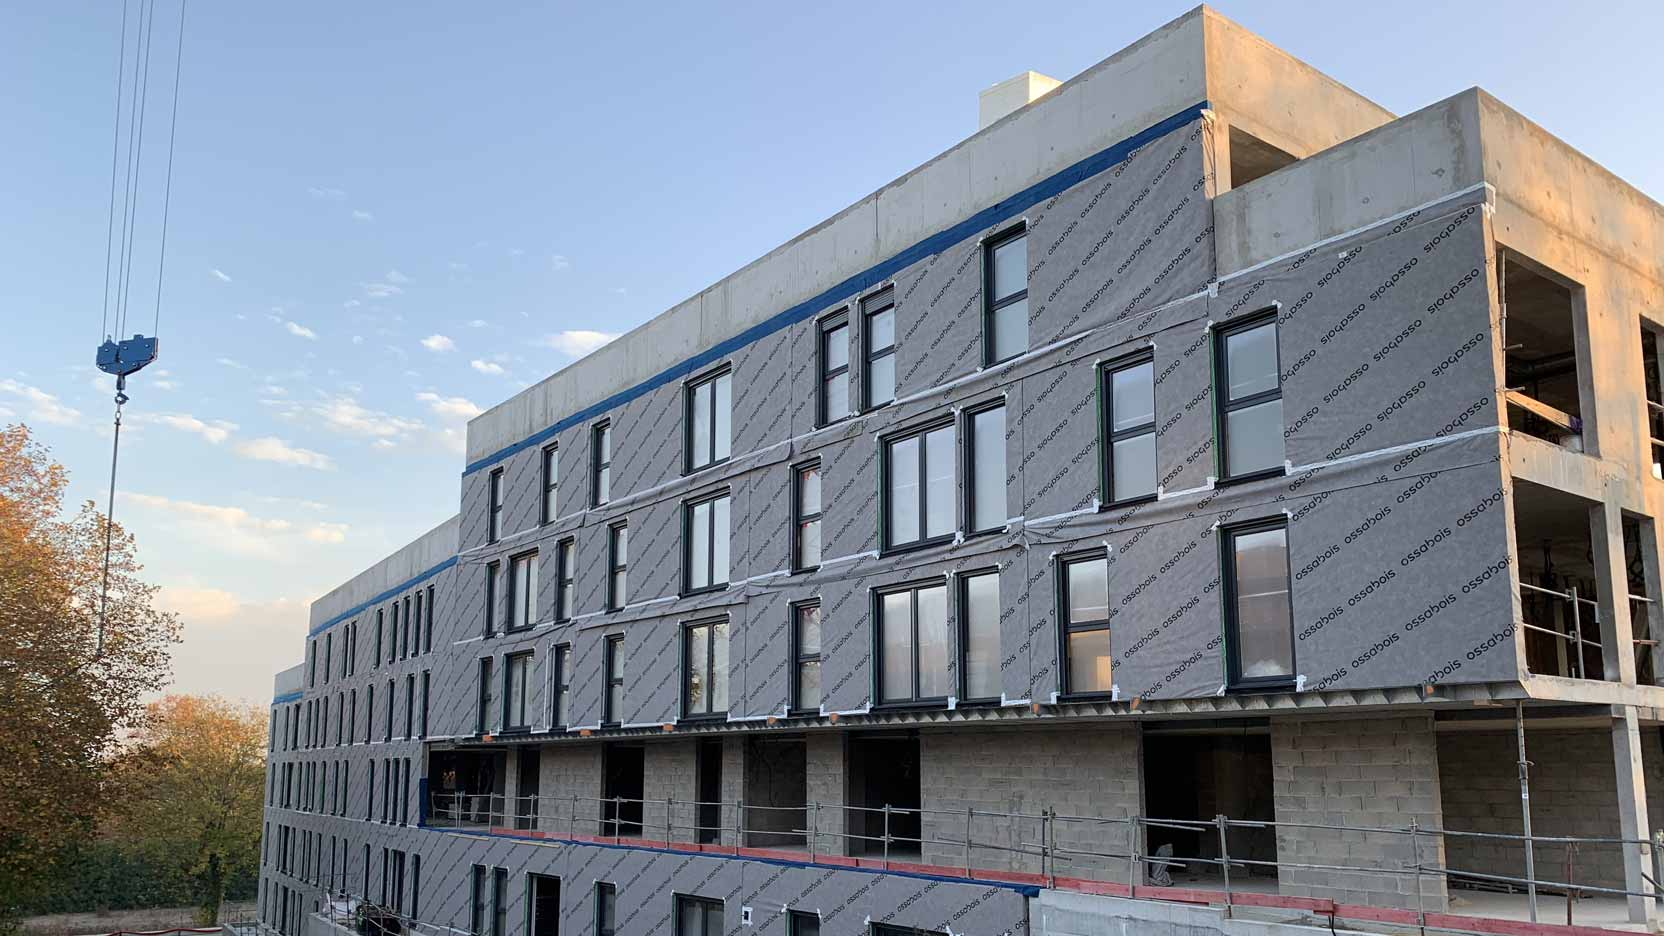 Après l'habillage d'un 1er bâtiment, nous débutons la pose des façades bois d'un second bâtiment à Torcy